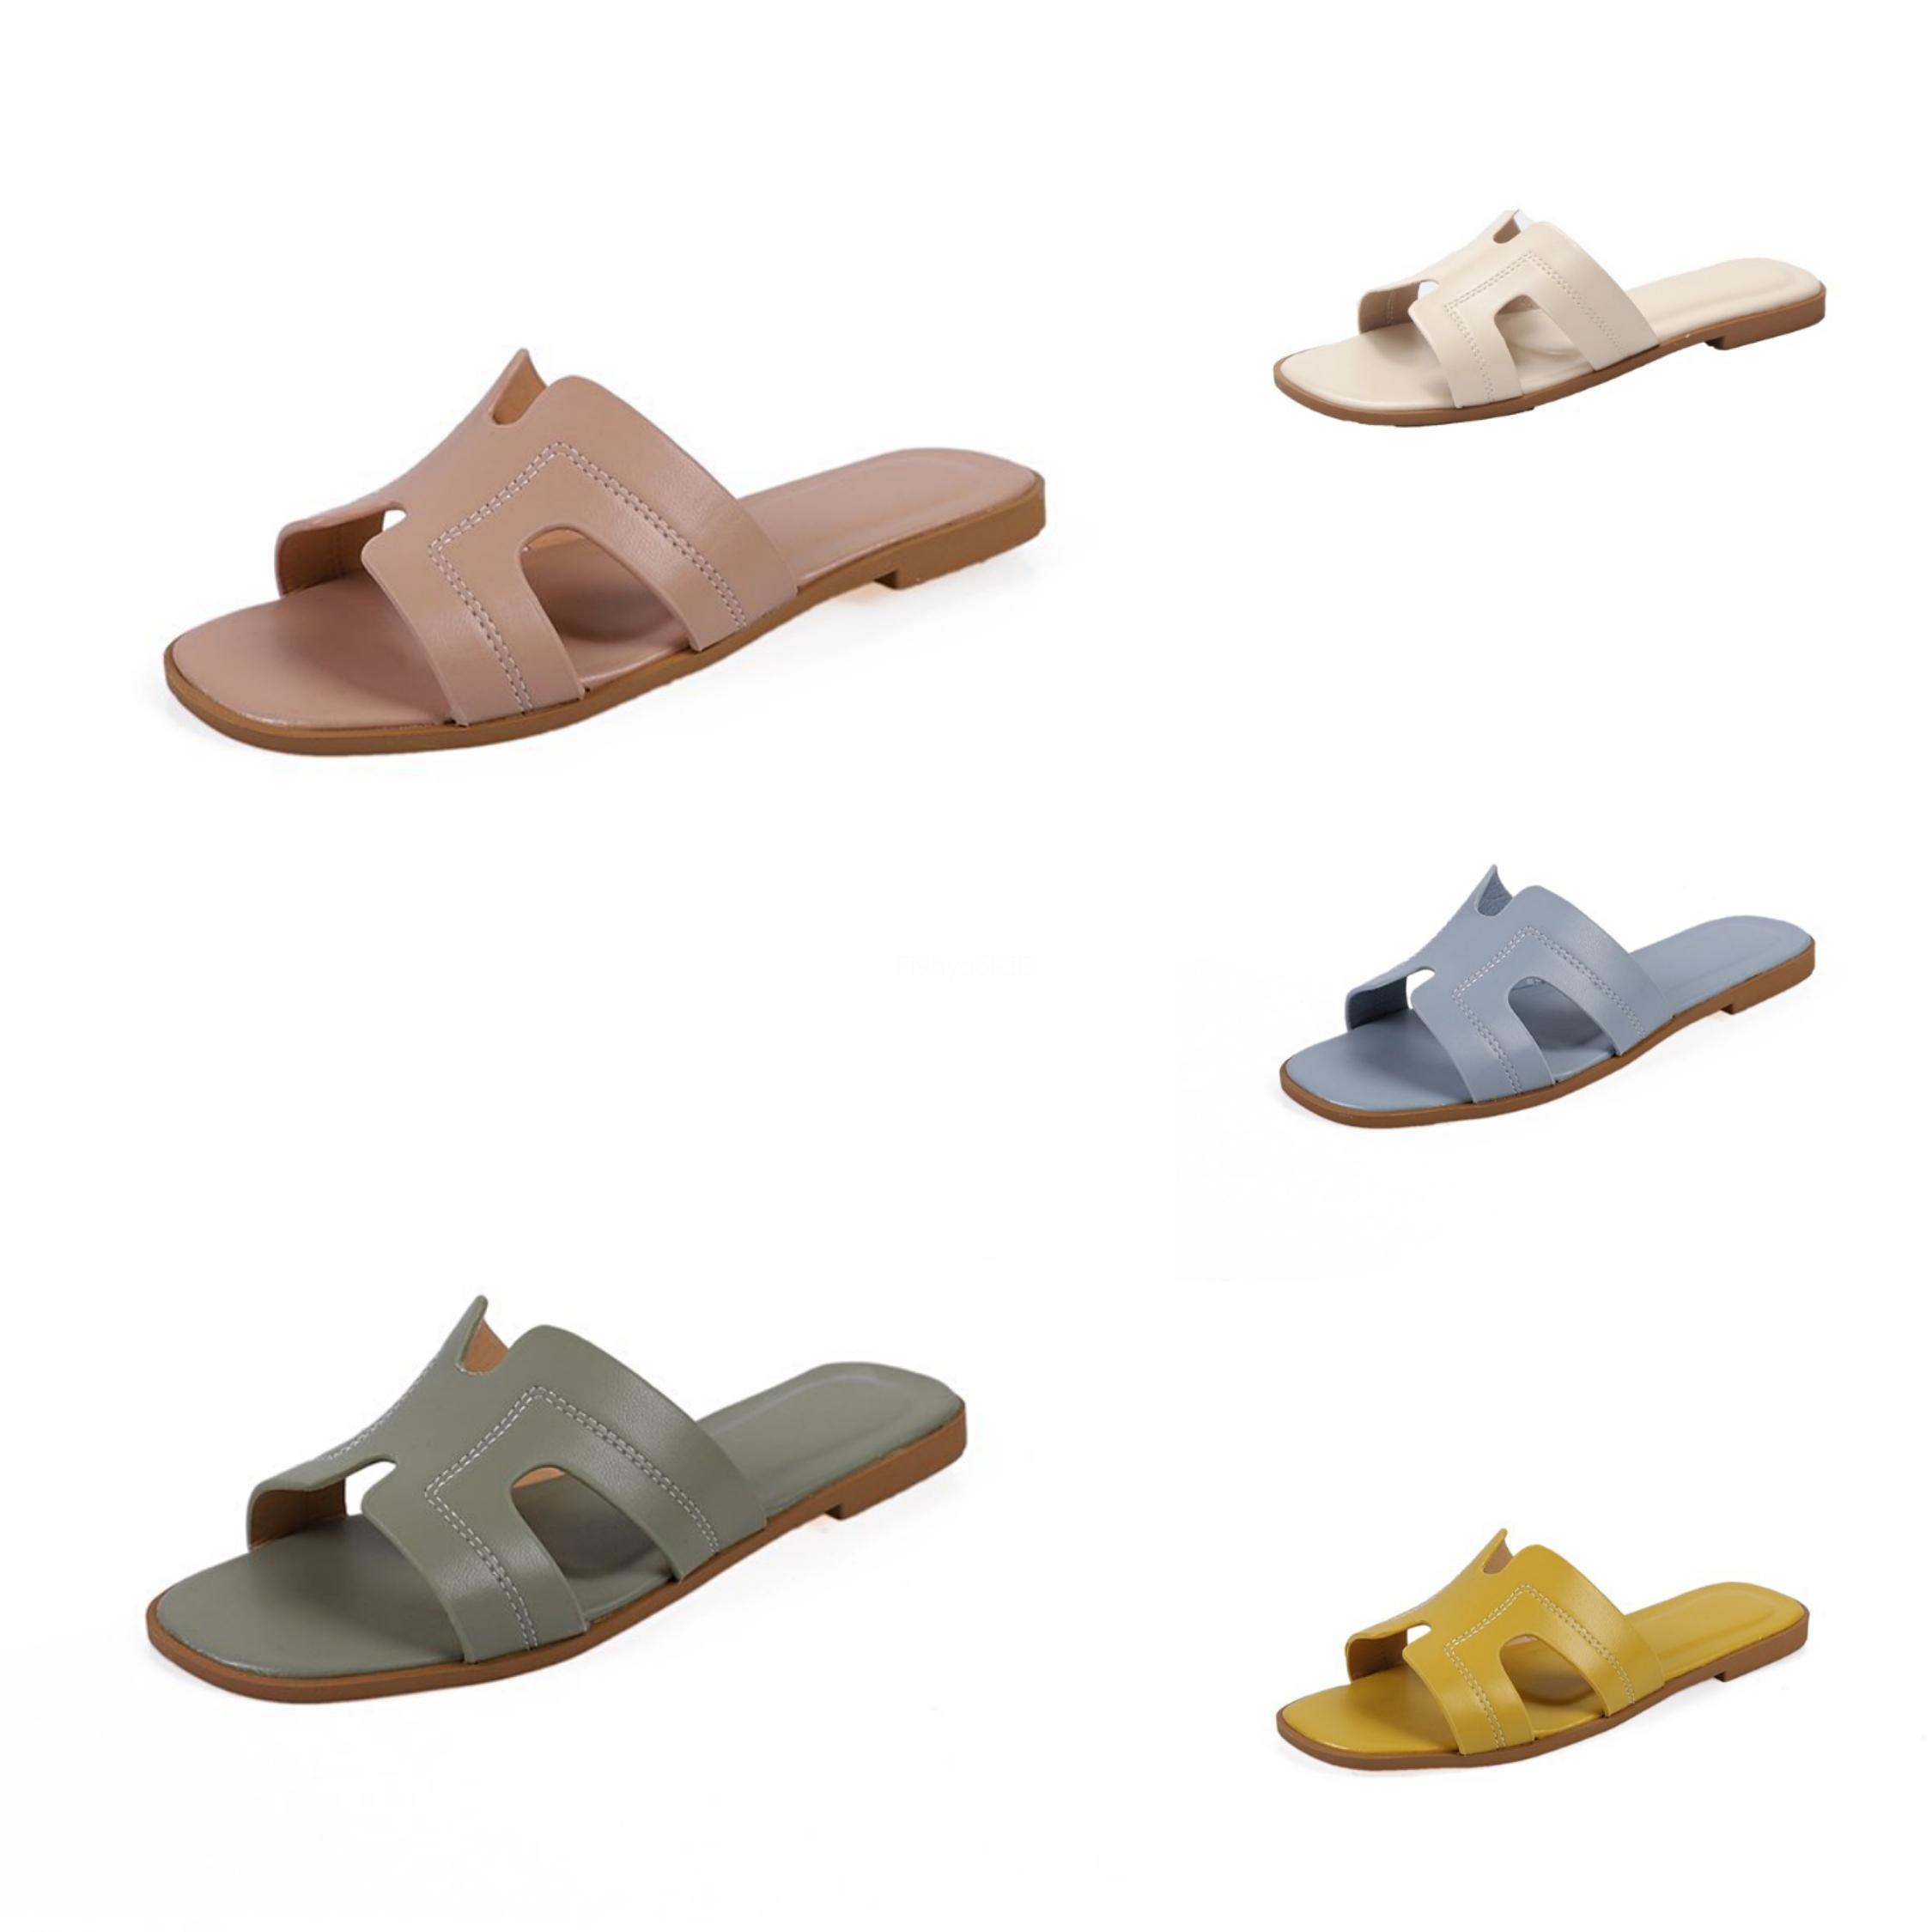 Zapatos de tacón de color beige Zapatillas mujeres de la manera 2020 talones de Verano Negro Perla estilete mujeres de solaz Bloque H Rhinestone # 397